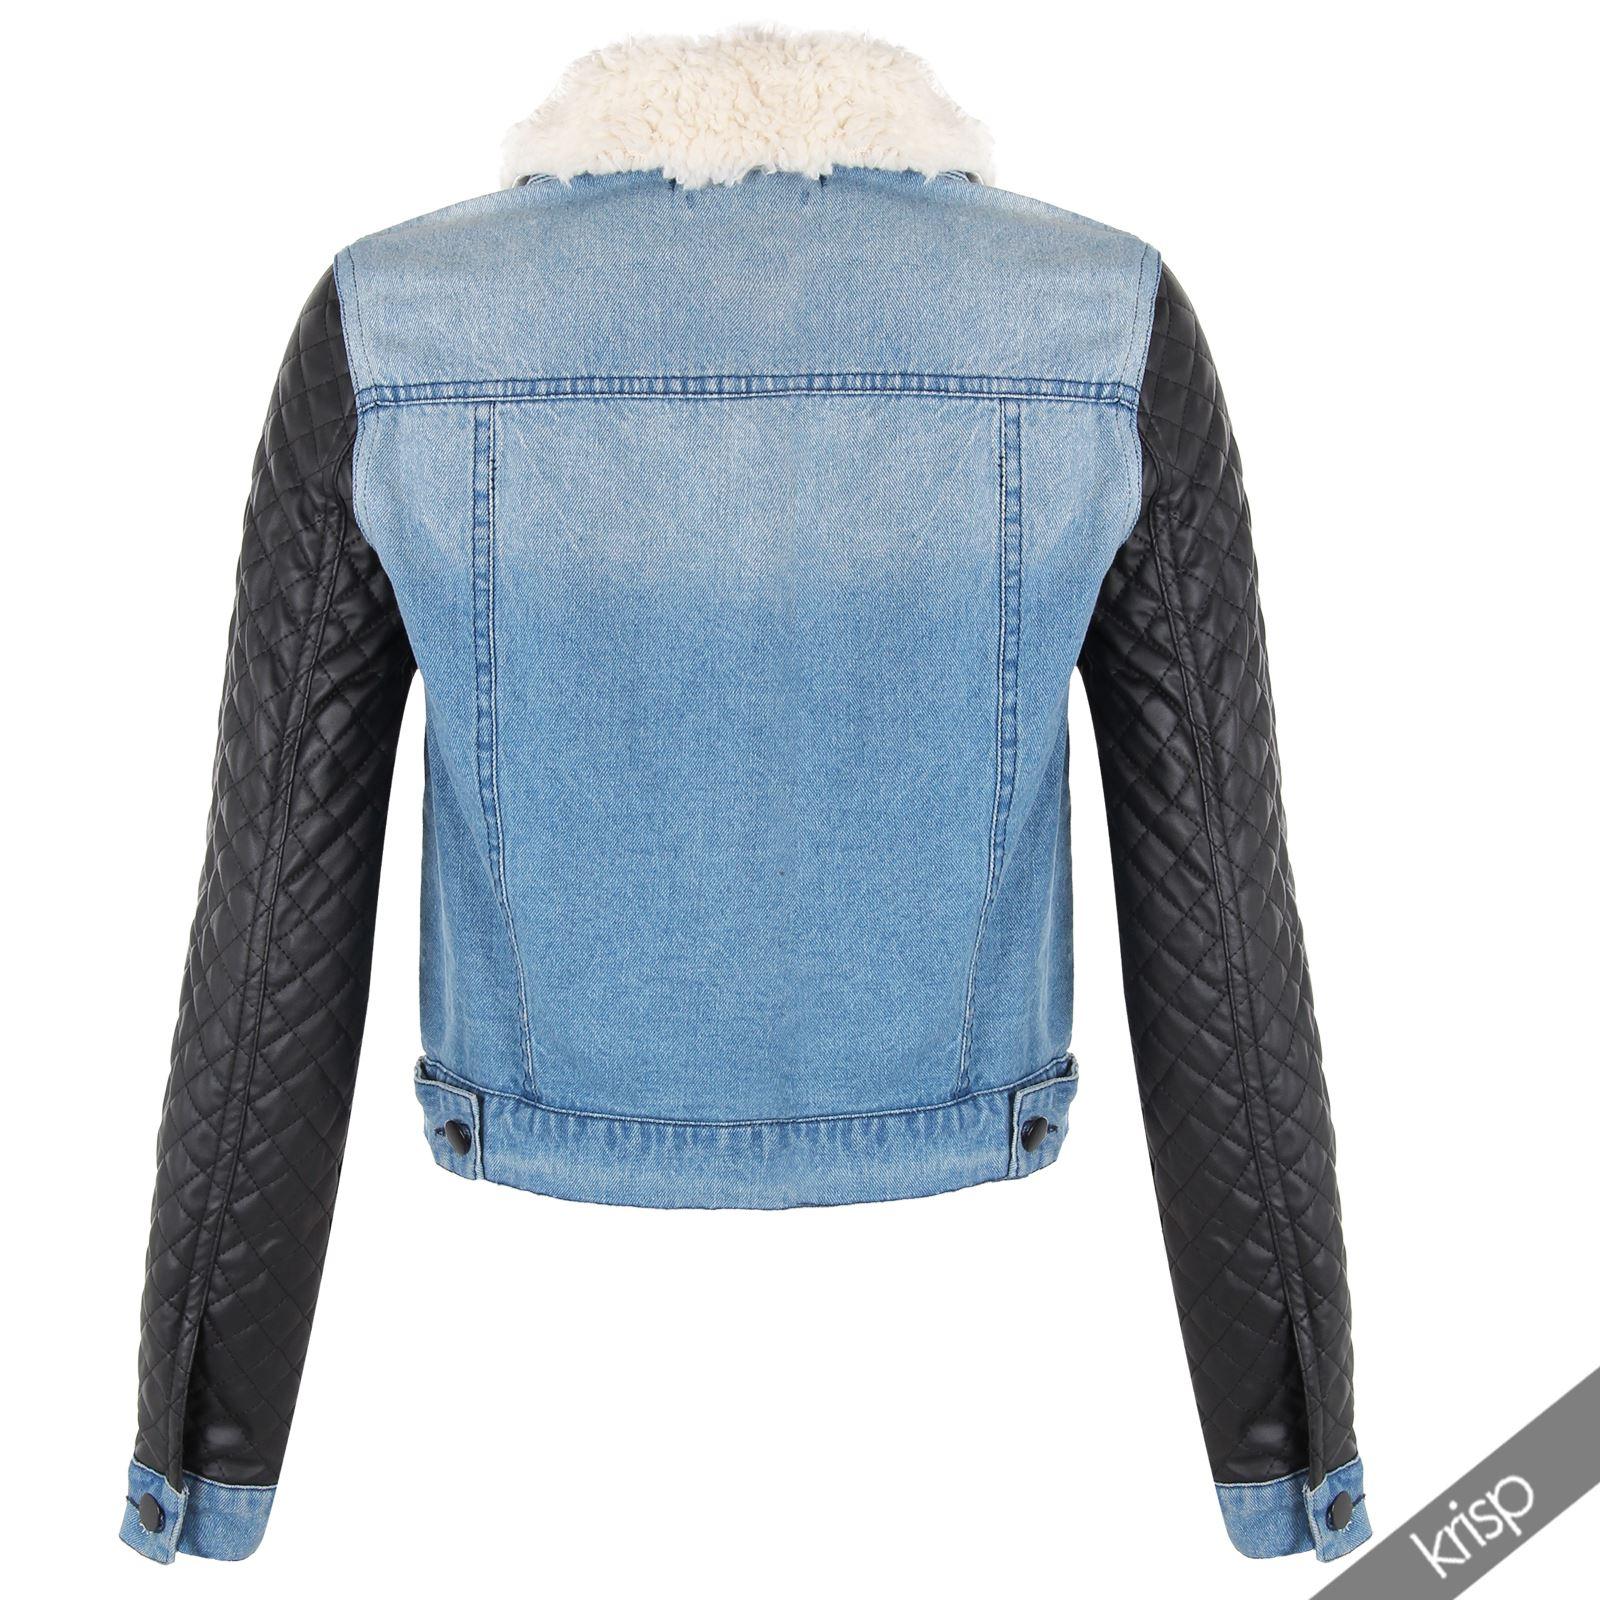 krisp damen jeansjacke denim jeans jacke bikerjacke. Black Bedroom Furniture Sets. Home Design Ideas